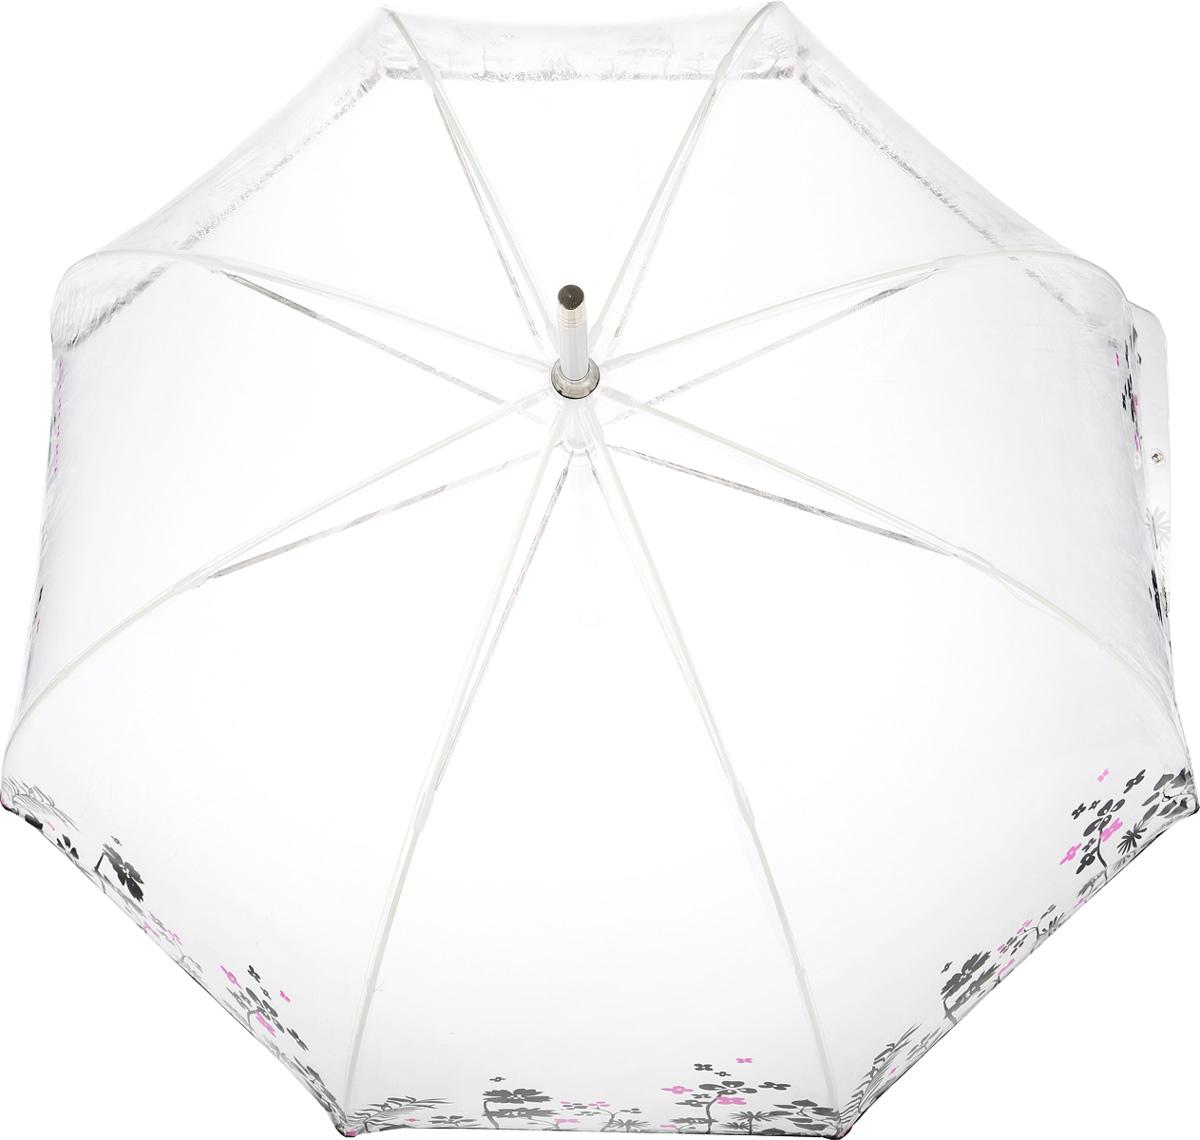 Зонт-трость женский Isotoner, механический, цвет: прозрачный, черный. 09357-335709357-3357_цветыМеханический зонт-трость Isotoner оформлен оригинальным принтом с изображением цветов. Он оснащен надежным металлическим каркасом с восьмью спицами из алюминия. Купол изготовлен из ПВХ. Модель застегивается с помощью хлястика на кнопку. Эргономичная рукоятка выполнена из пластика. Такой зонт не только надежно защитит вас от дождя, но и станет стильным аксессуаром, который идеально подчеркнет ваш образ.